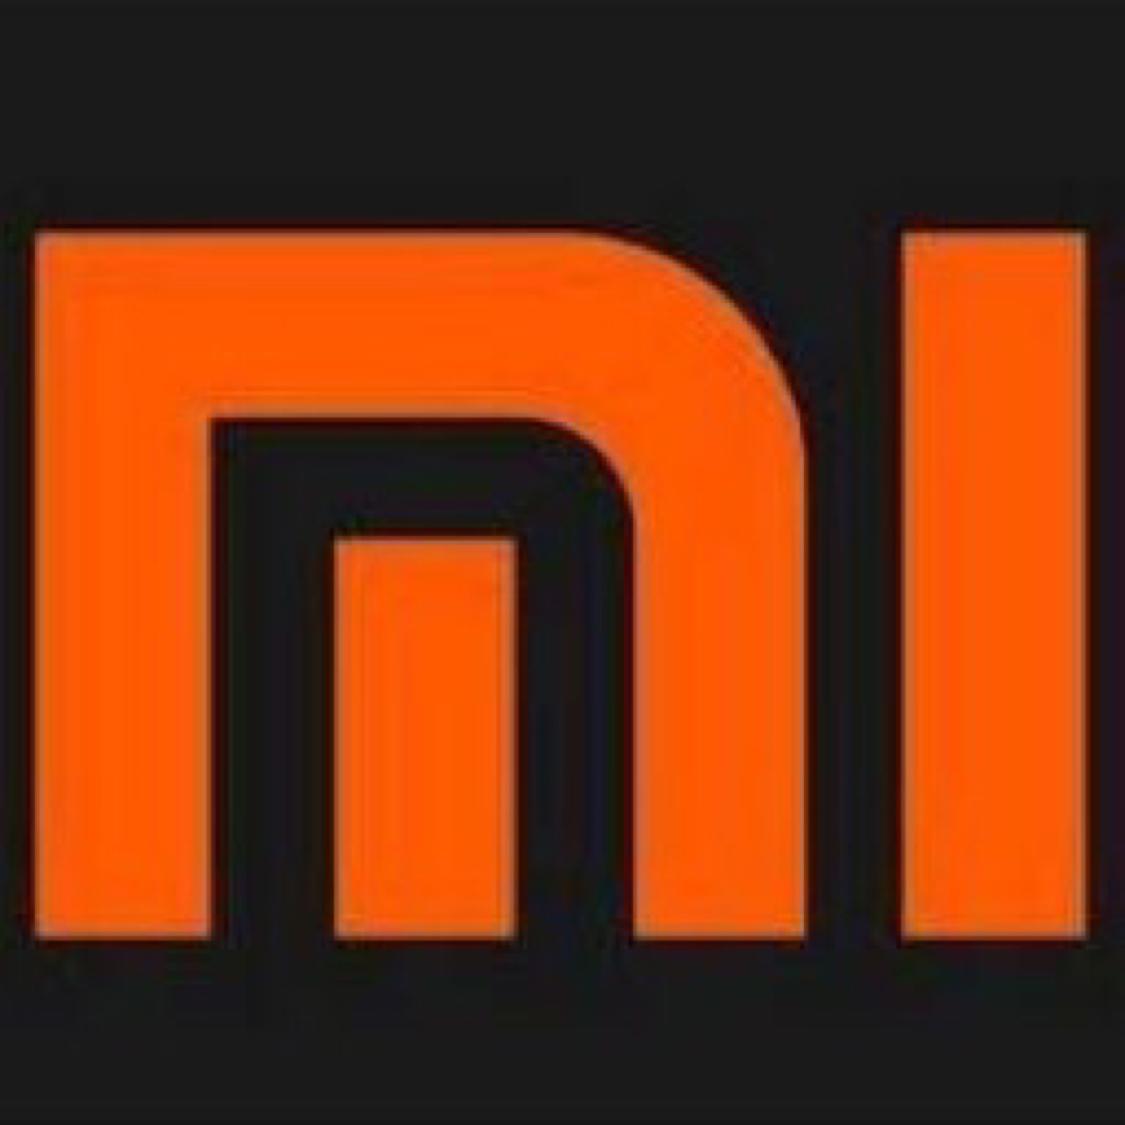 北京凌安信通訊技術服務有限公司